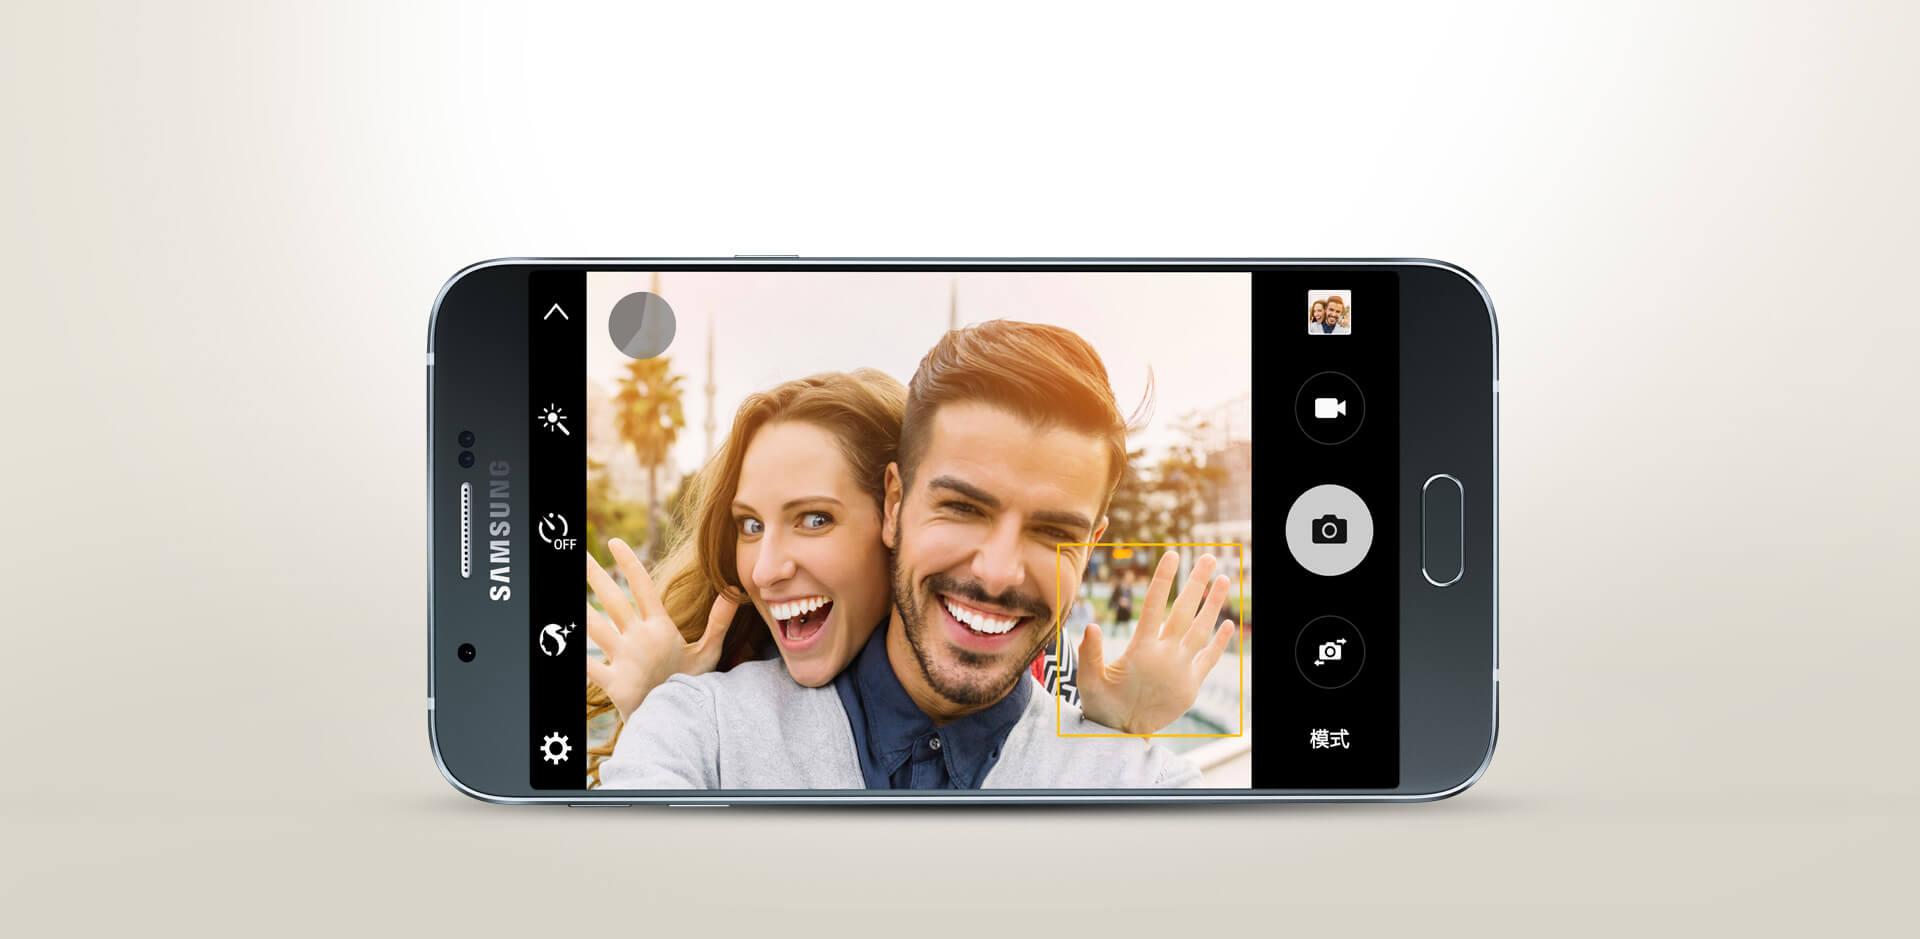 Samsung официально представила свой самый тонкий смартфон — Galaxy A8